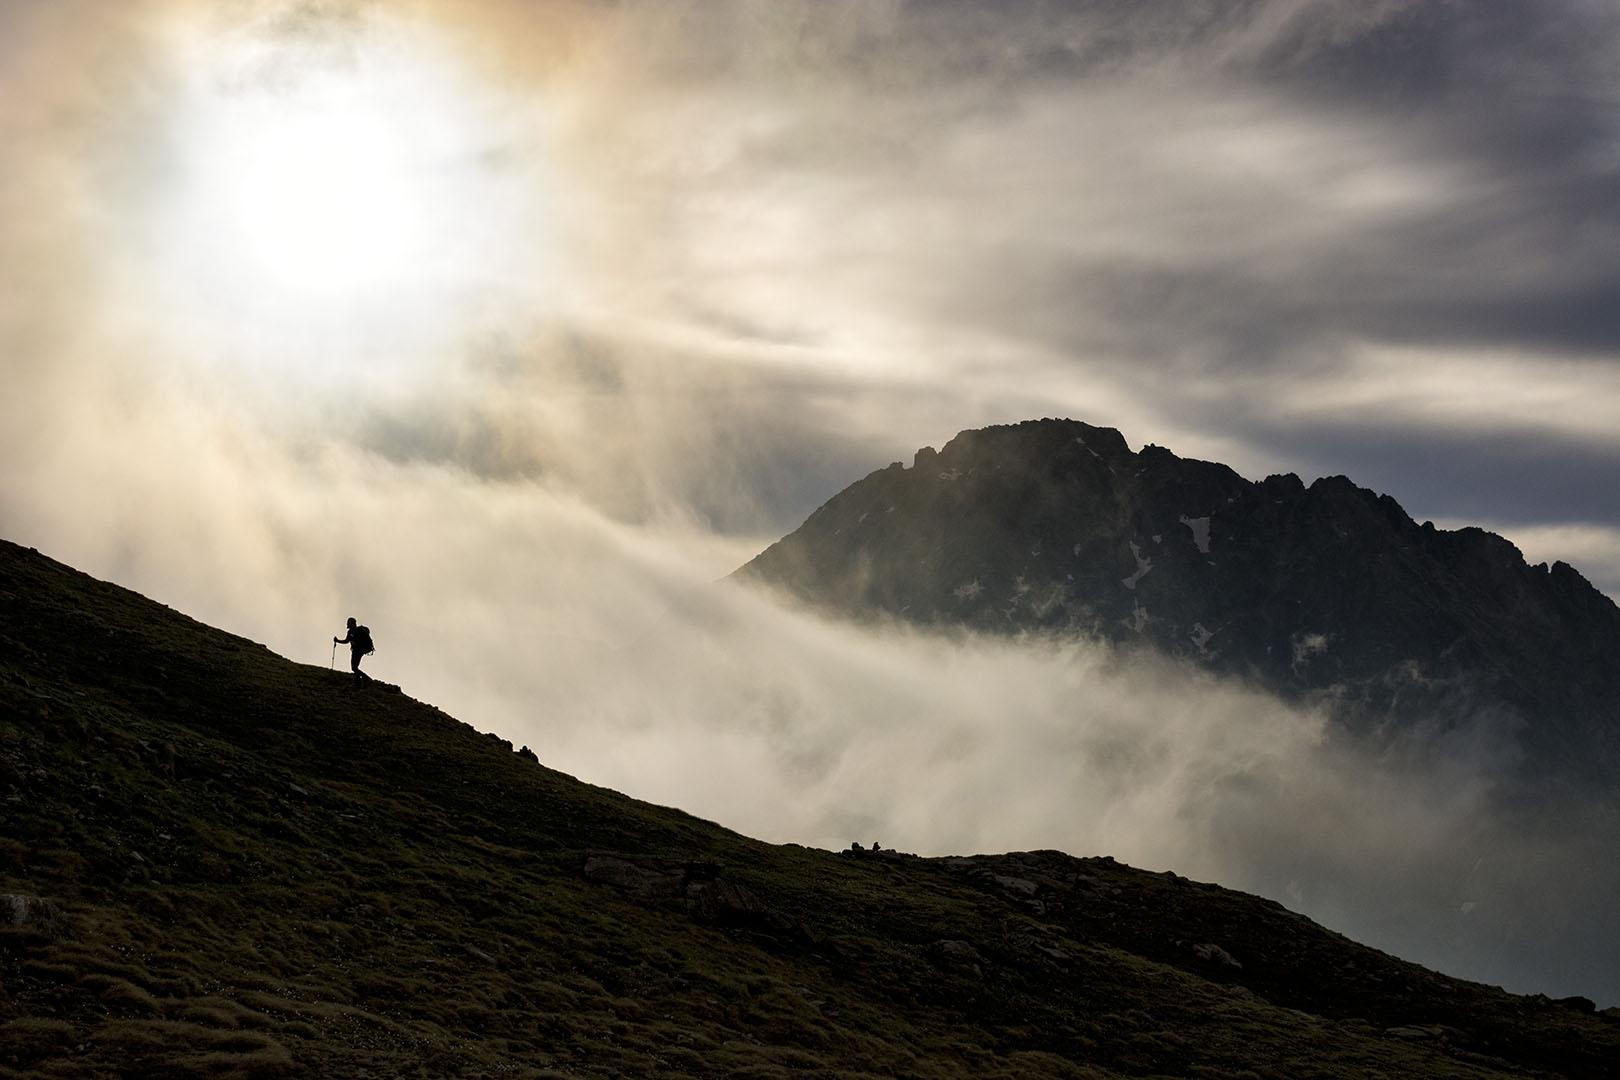 caminando entre las nubes - Deportes y aventuras - Iñaki Larrea, Fotografía de naturaleza y montaña